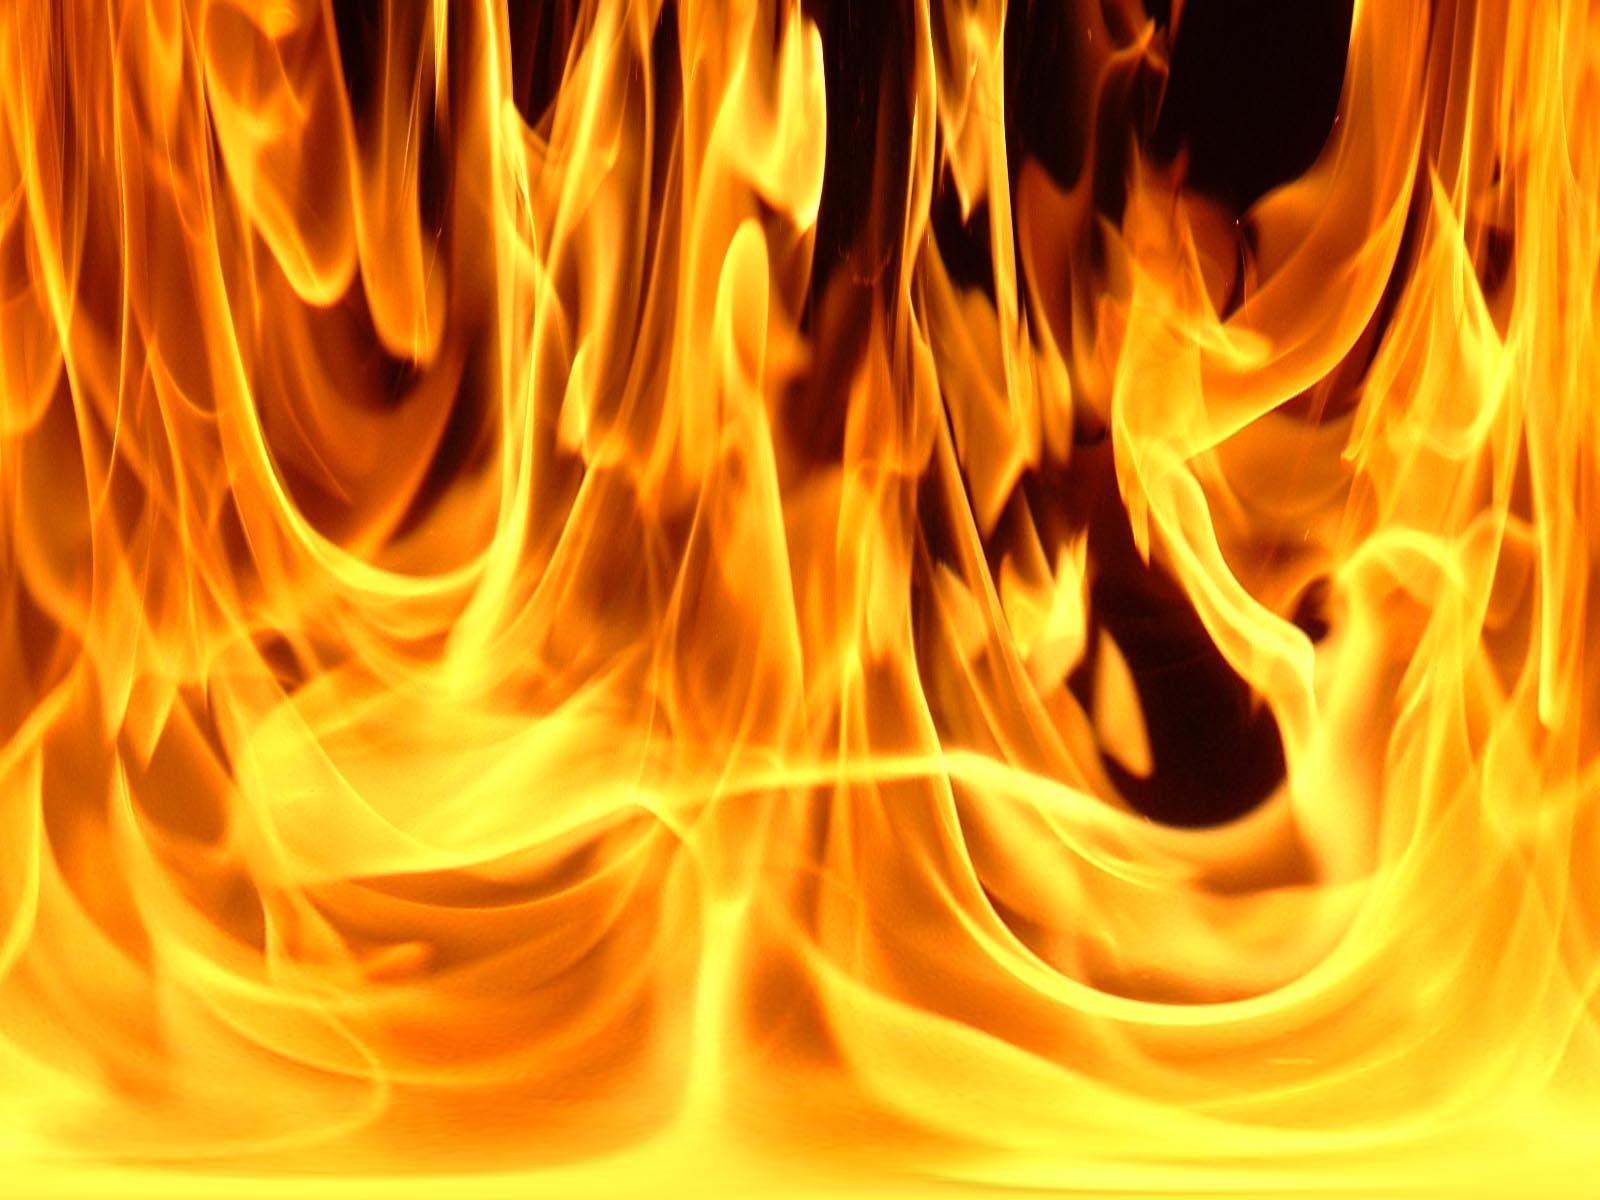 В ходе тушения пожара было обнаружено тело без признаков жизни. Погибшей оказалась женщина 1963-г